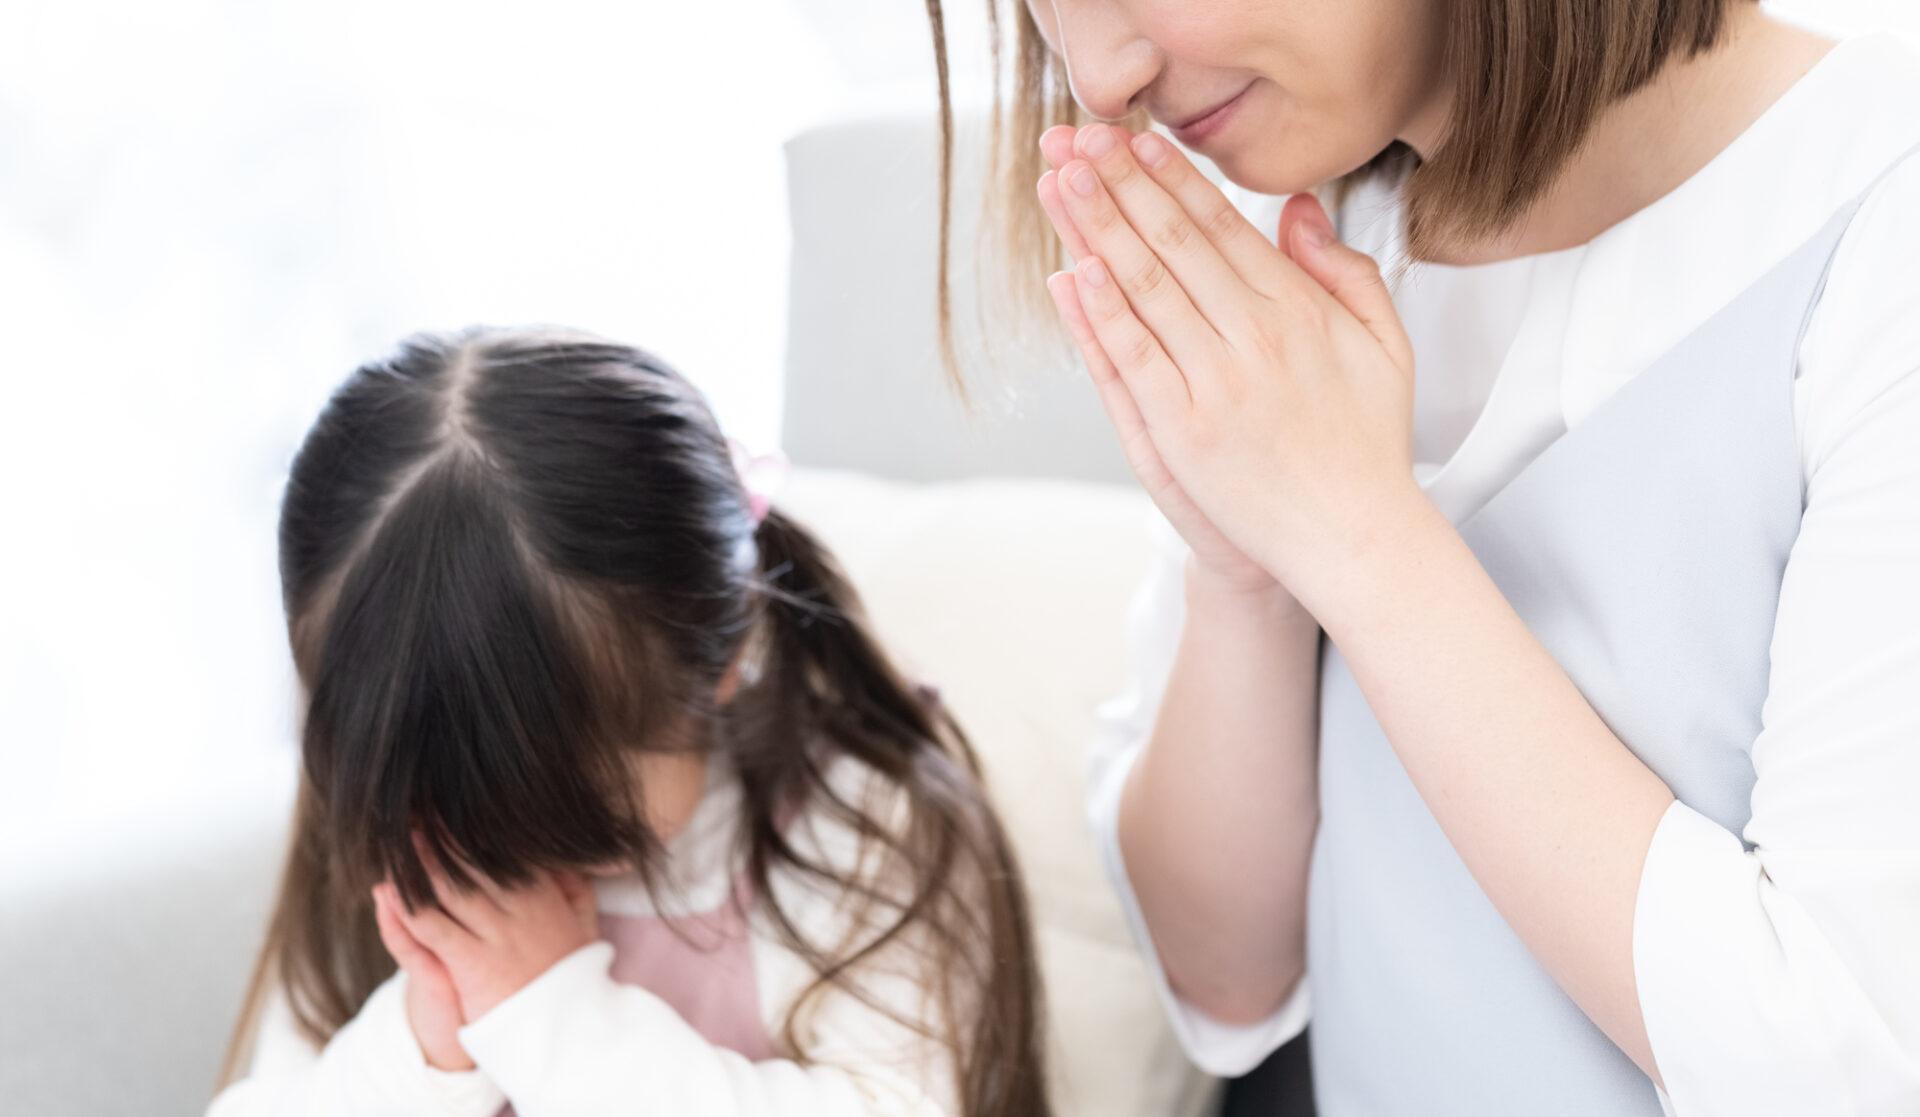 子どもと女性が手を合わせて黙祷